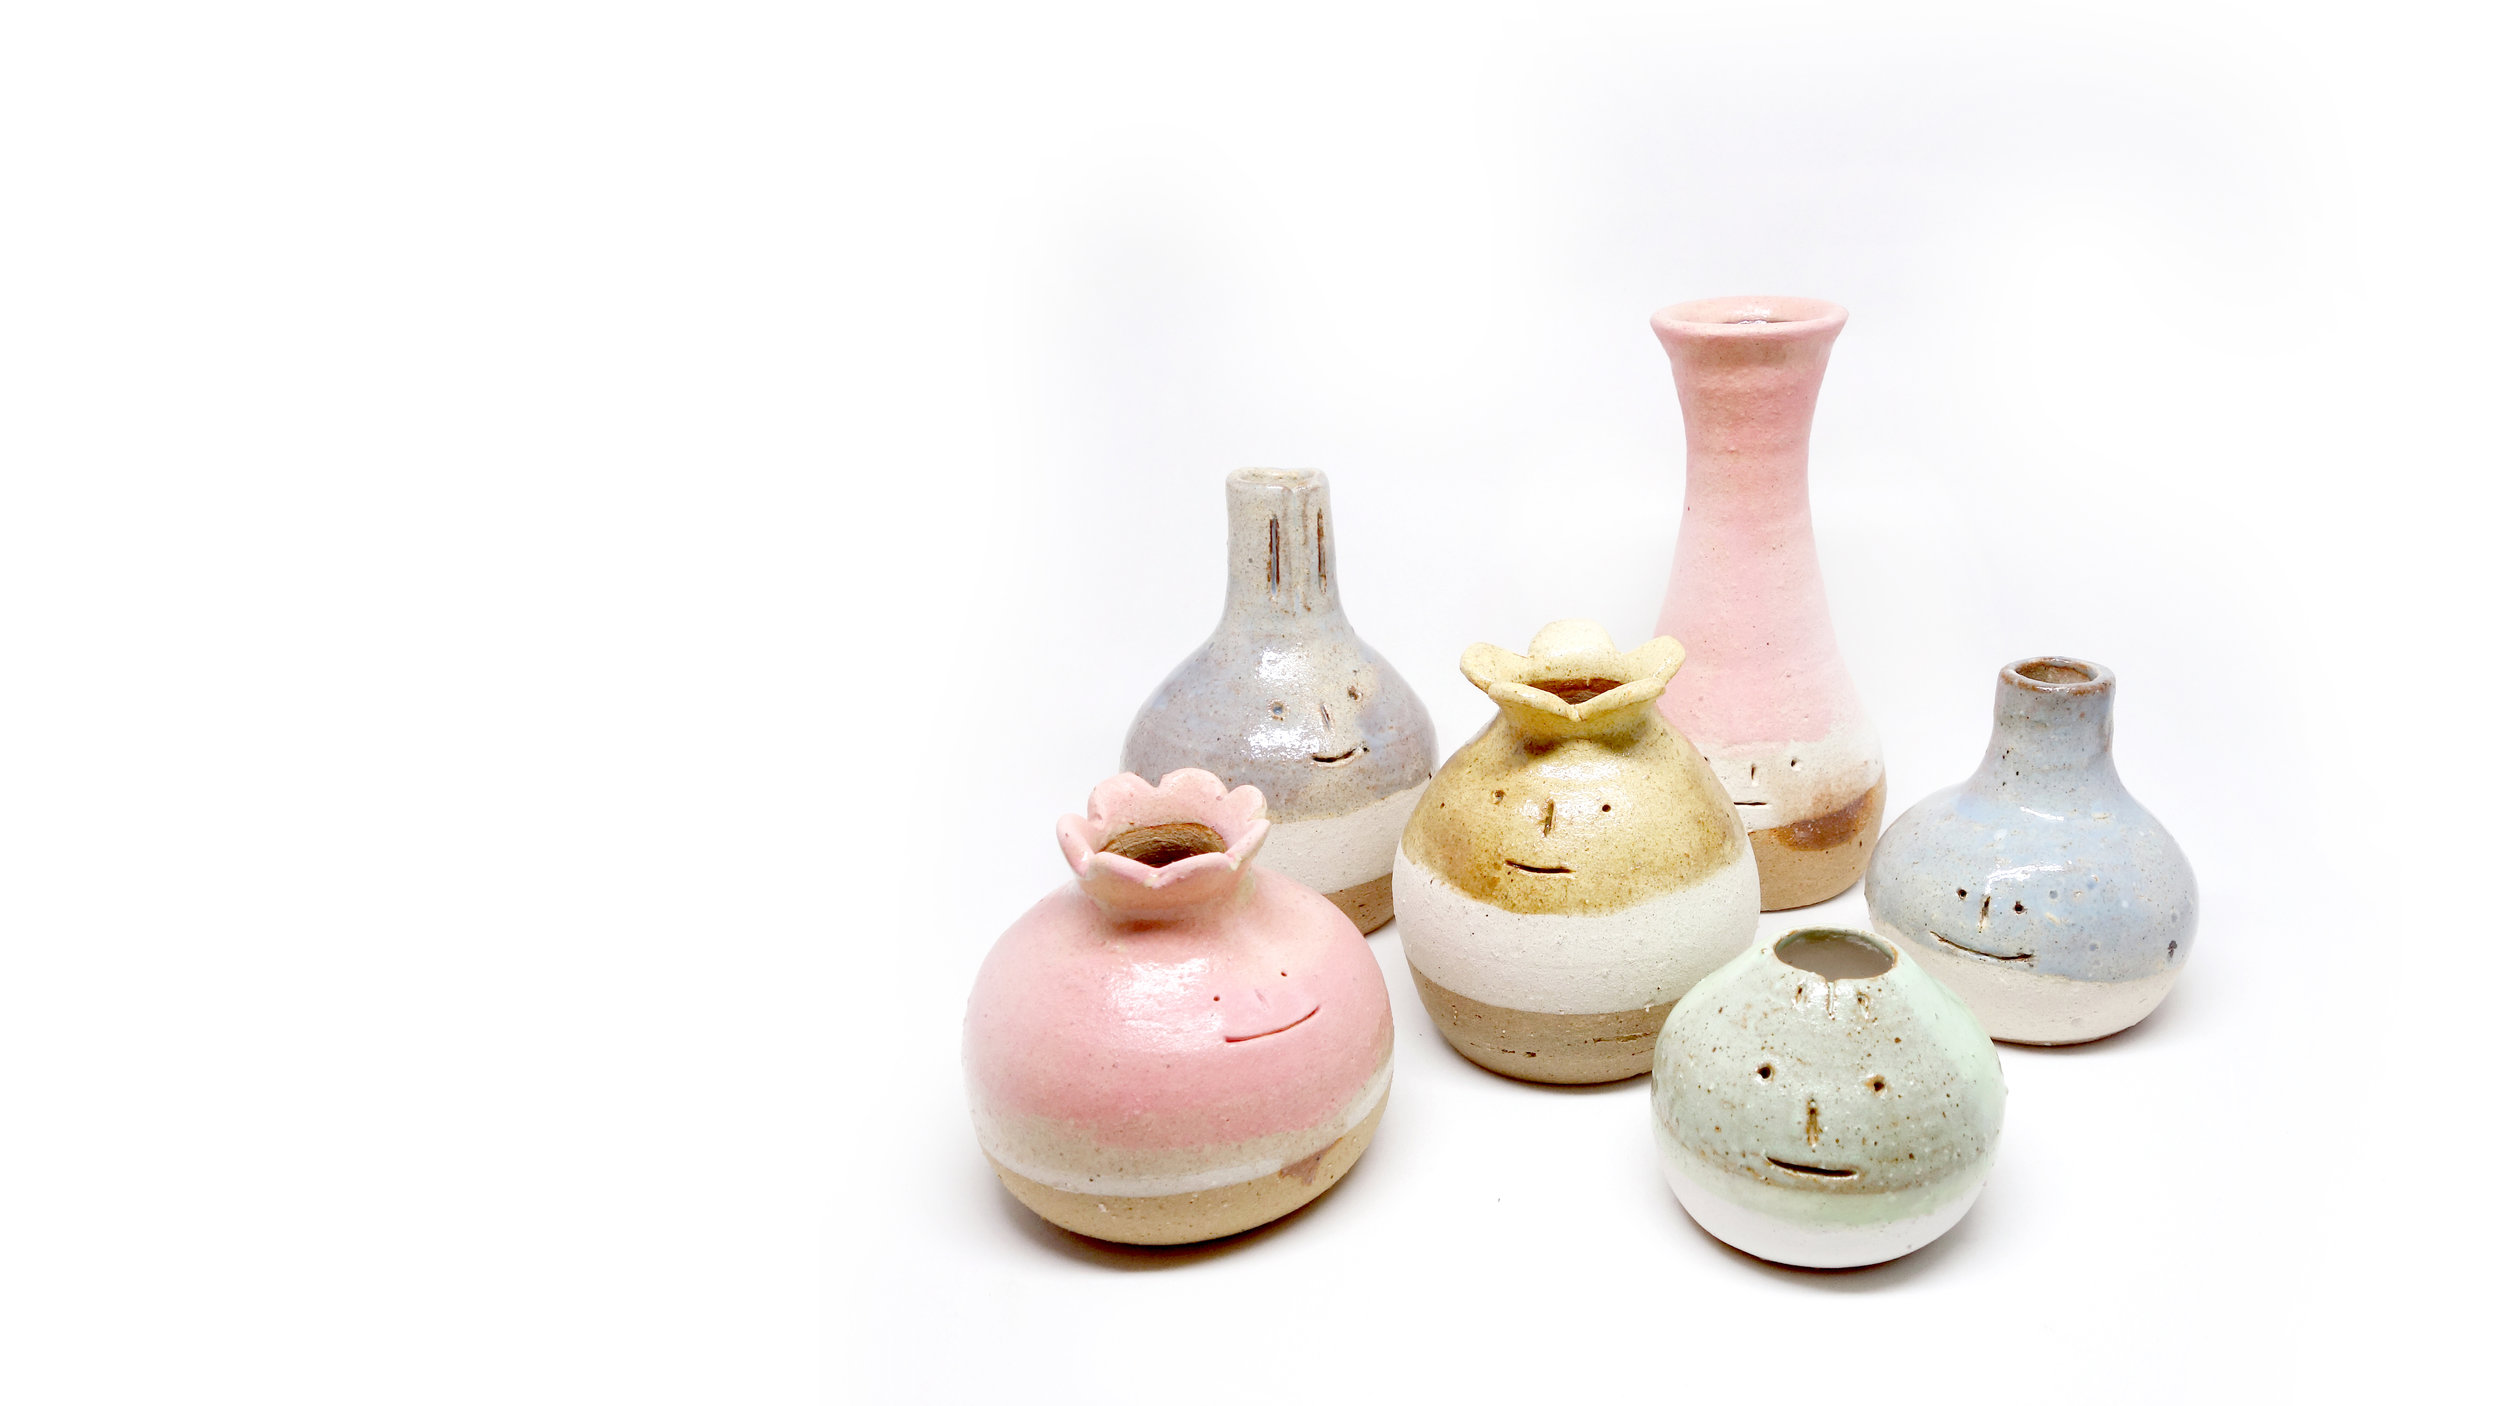 Ceramic Vases / Earthware / Summer,2017